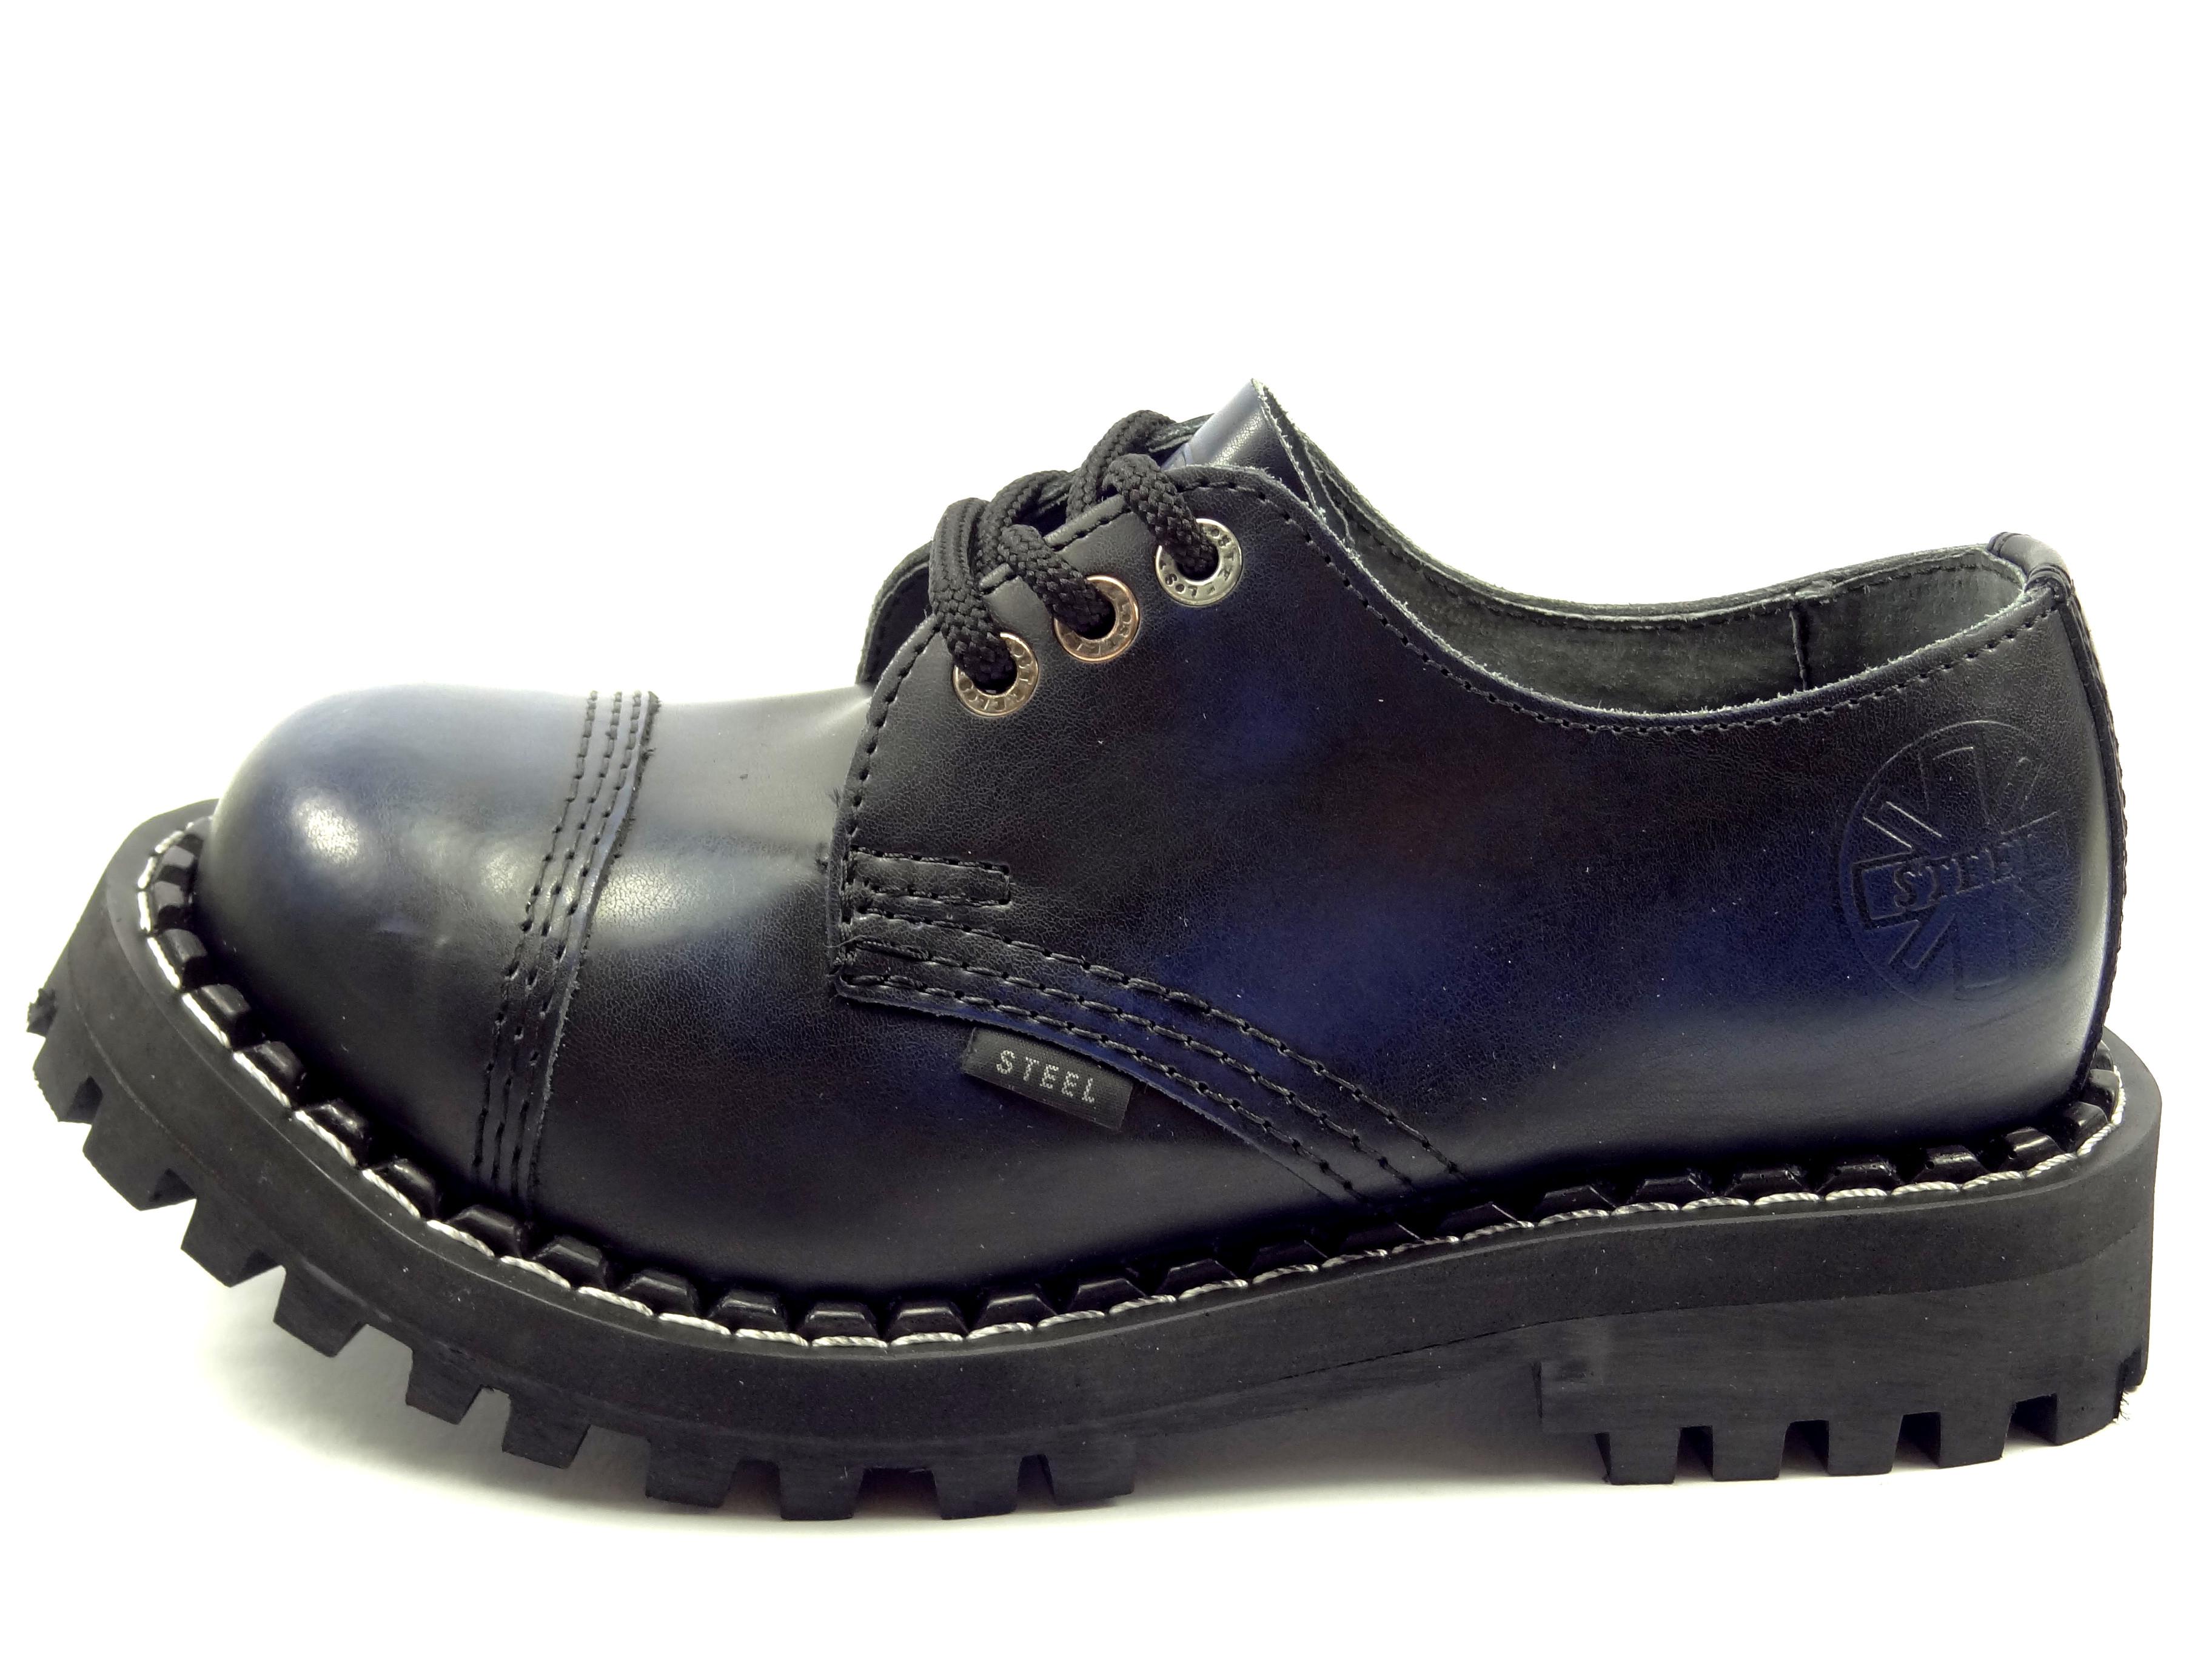 Steel boty 3 dírkové modré 101/102/O blue black